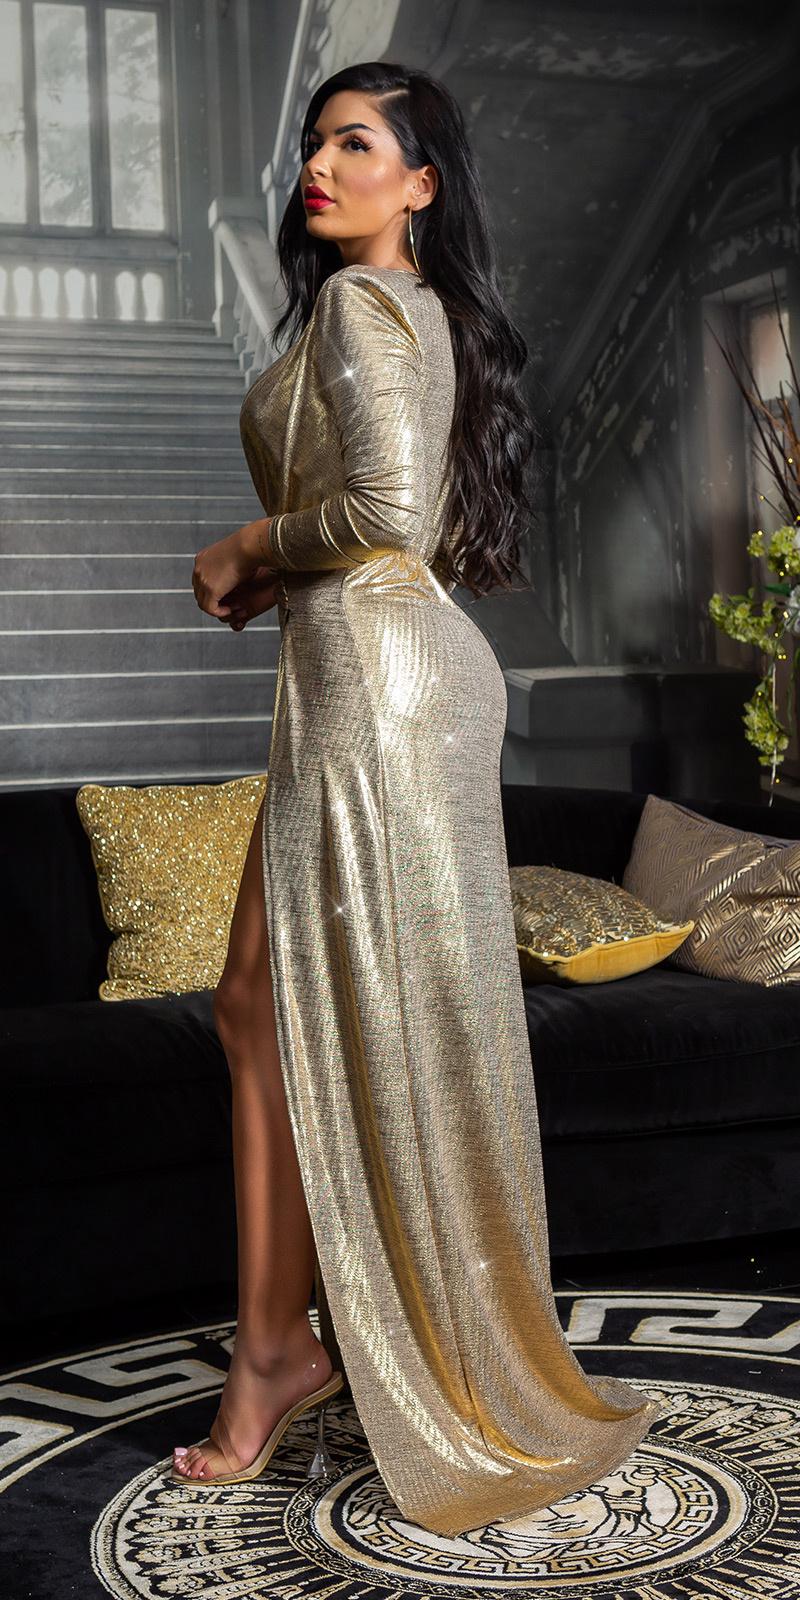 Sexy golden girl rode-loper jurk goud